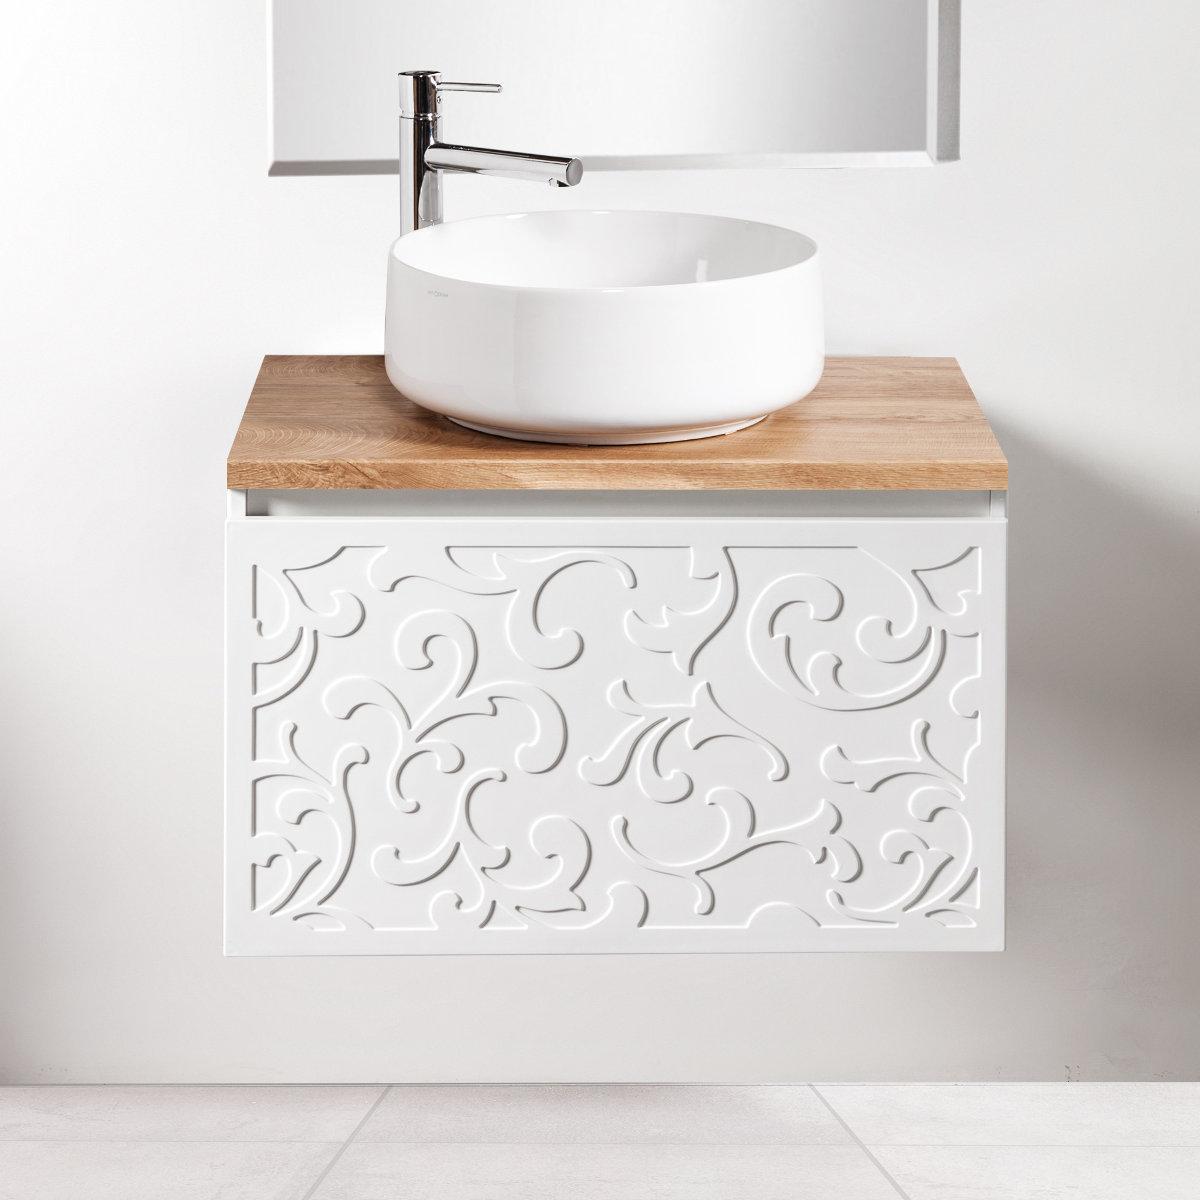 Szafka łazienkowa Sanitti Floro 70 cm z blatem dąb classic i umywalką Art-42